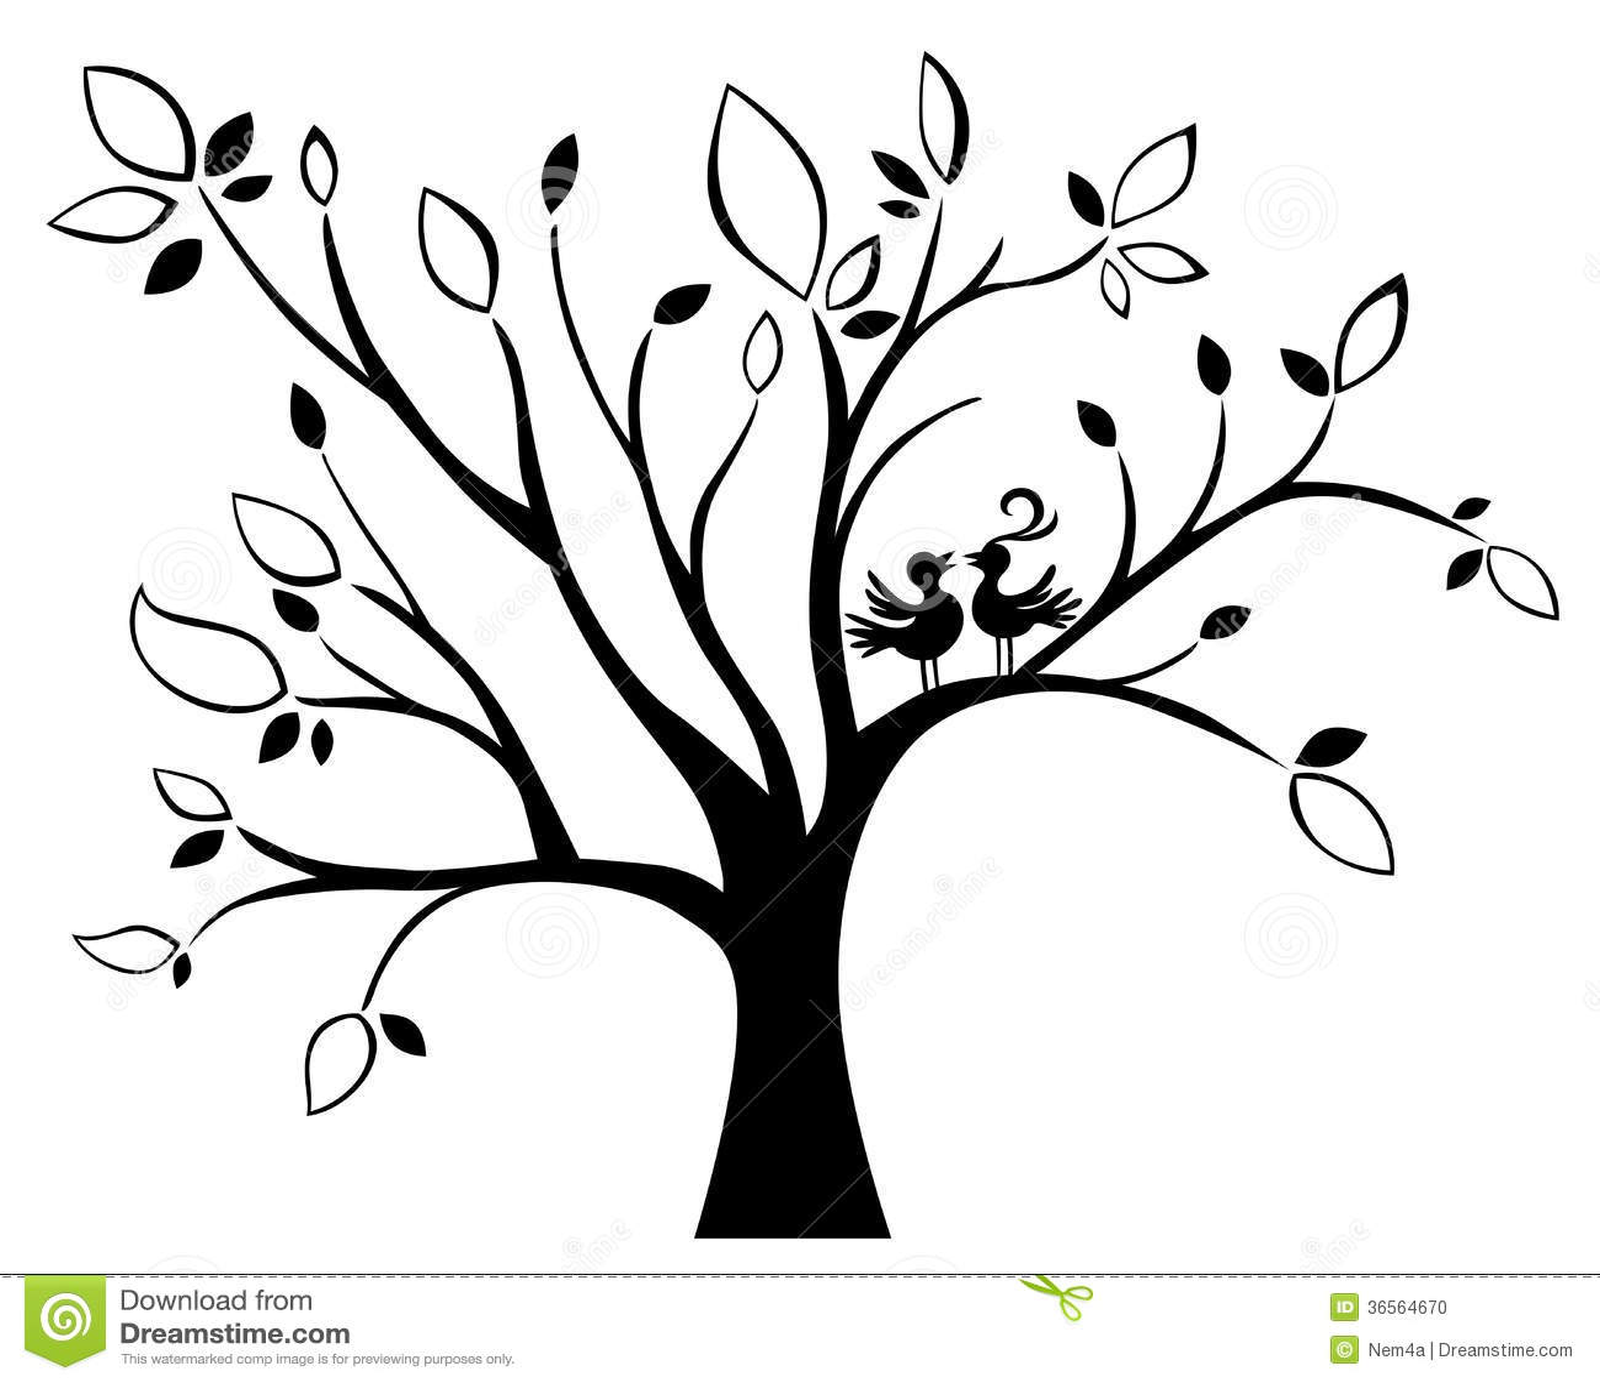 Wedding Tree Invitation is nice invitations design